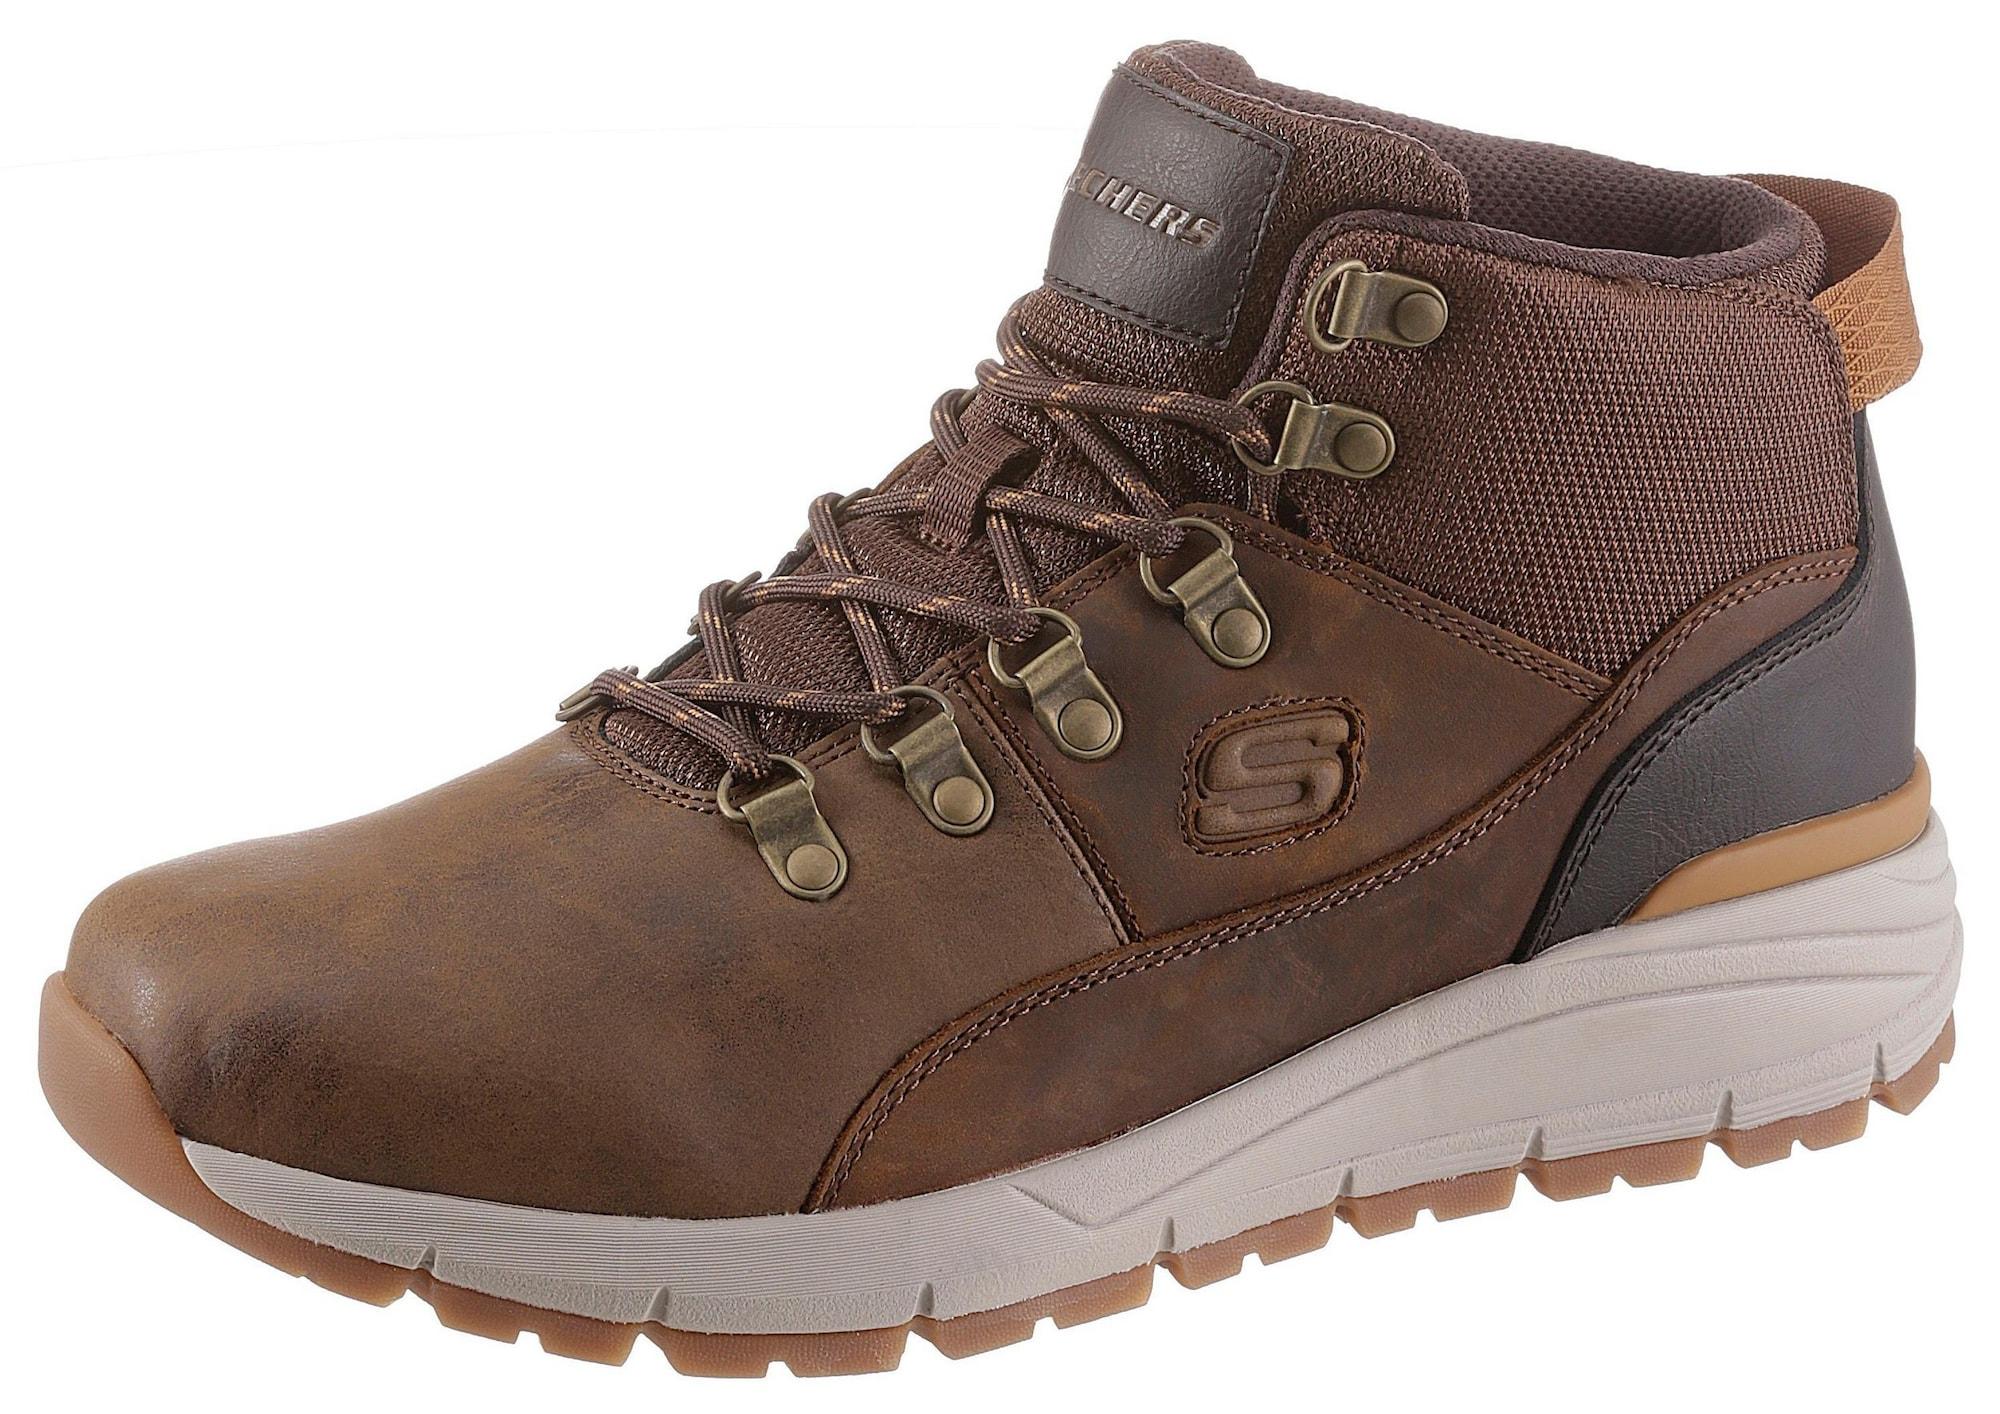 Schnürboots 'Volero' | Schuhe > Boots > Schnürboots | Skechers